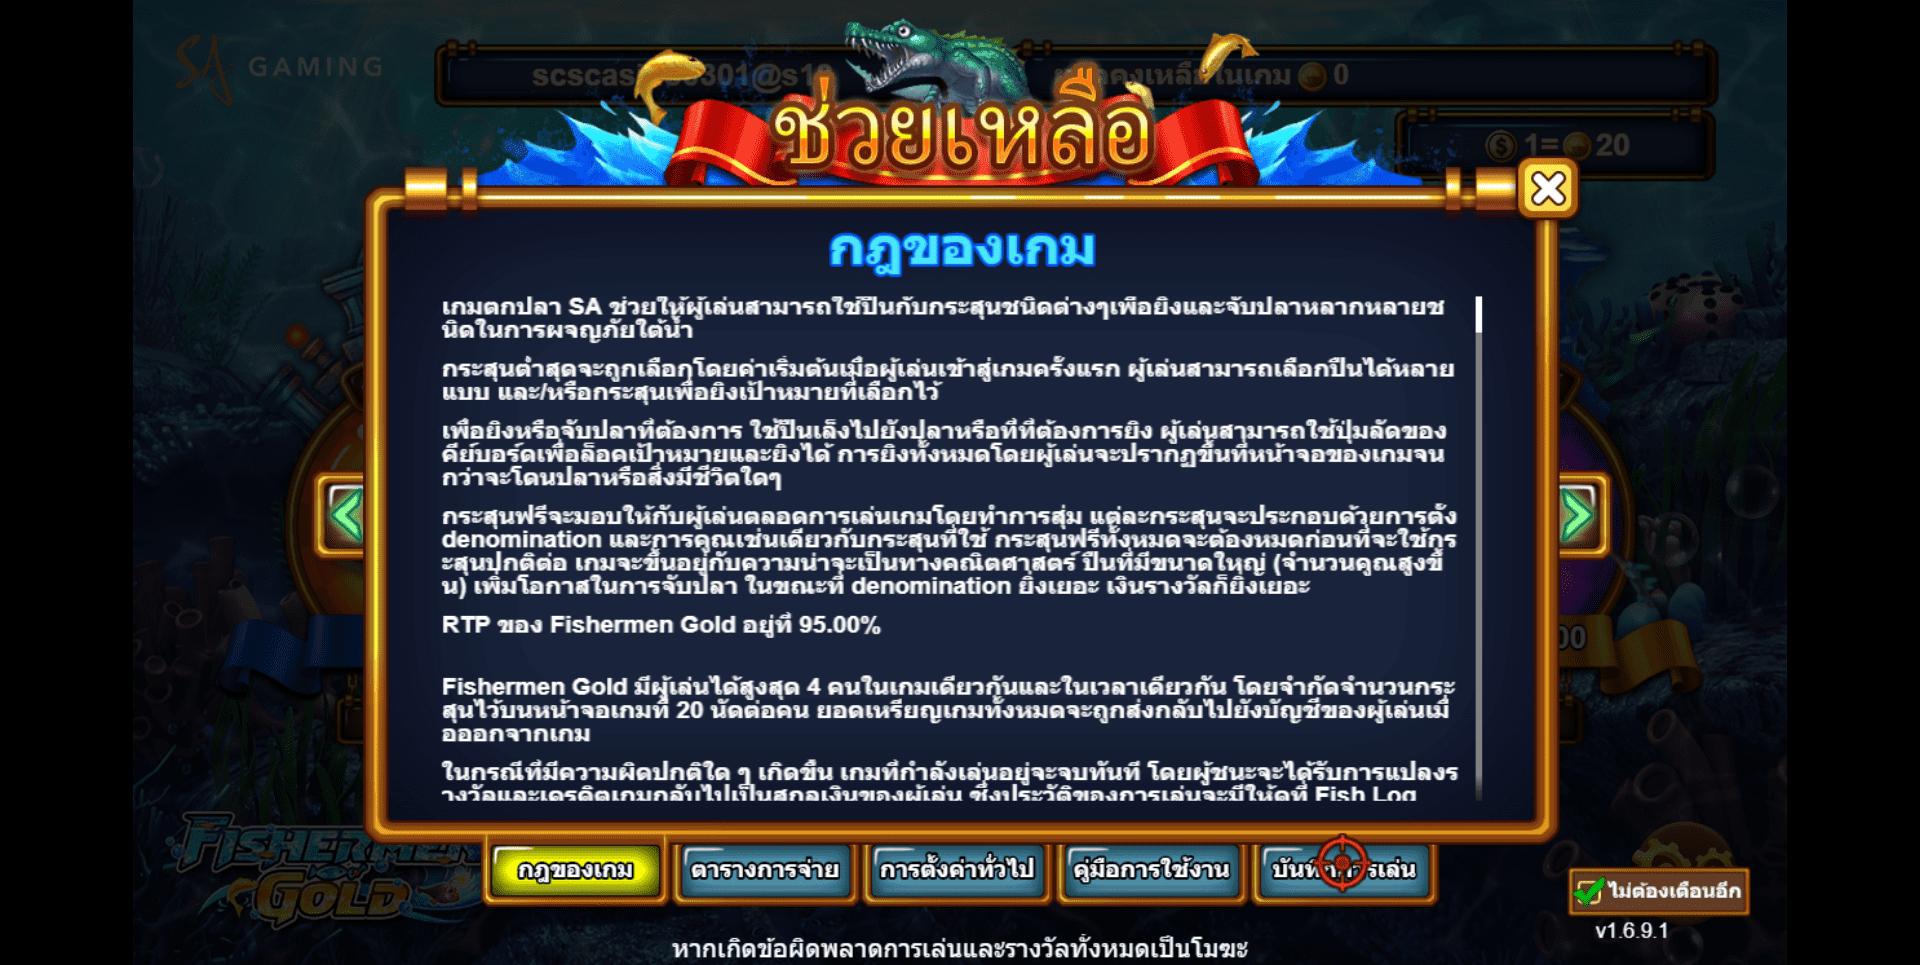 กฎของเกมส์ยิงปลา FISHERMEN GOLD sa gaming